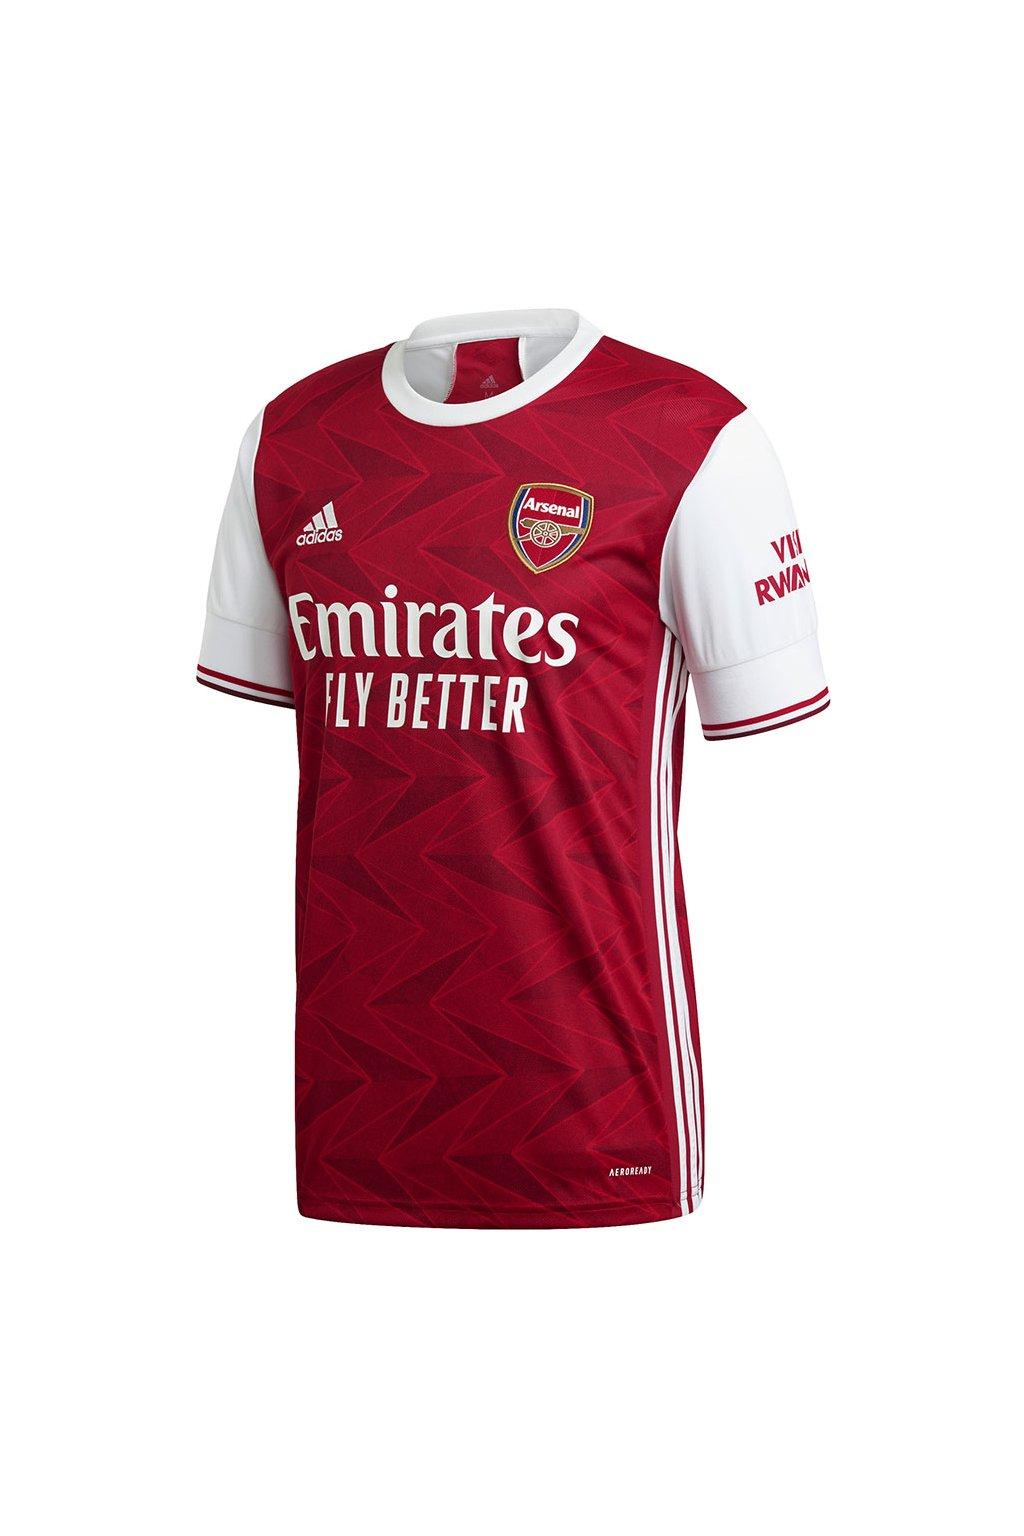 Pánske tričko Adidas Arsenal červeno-biele EH5817